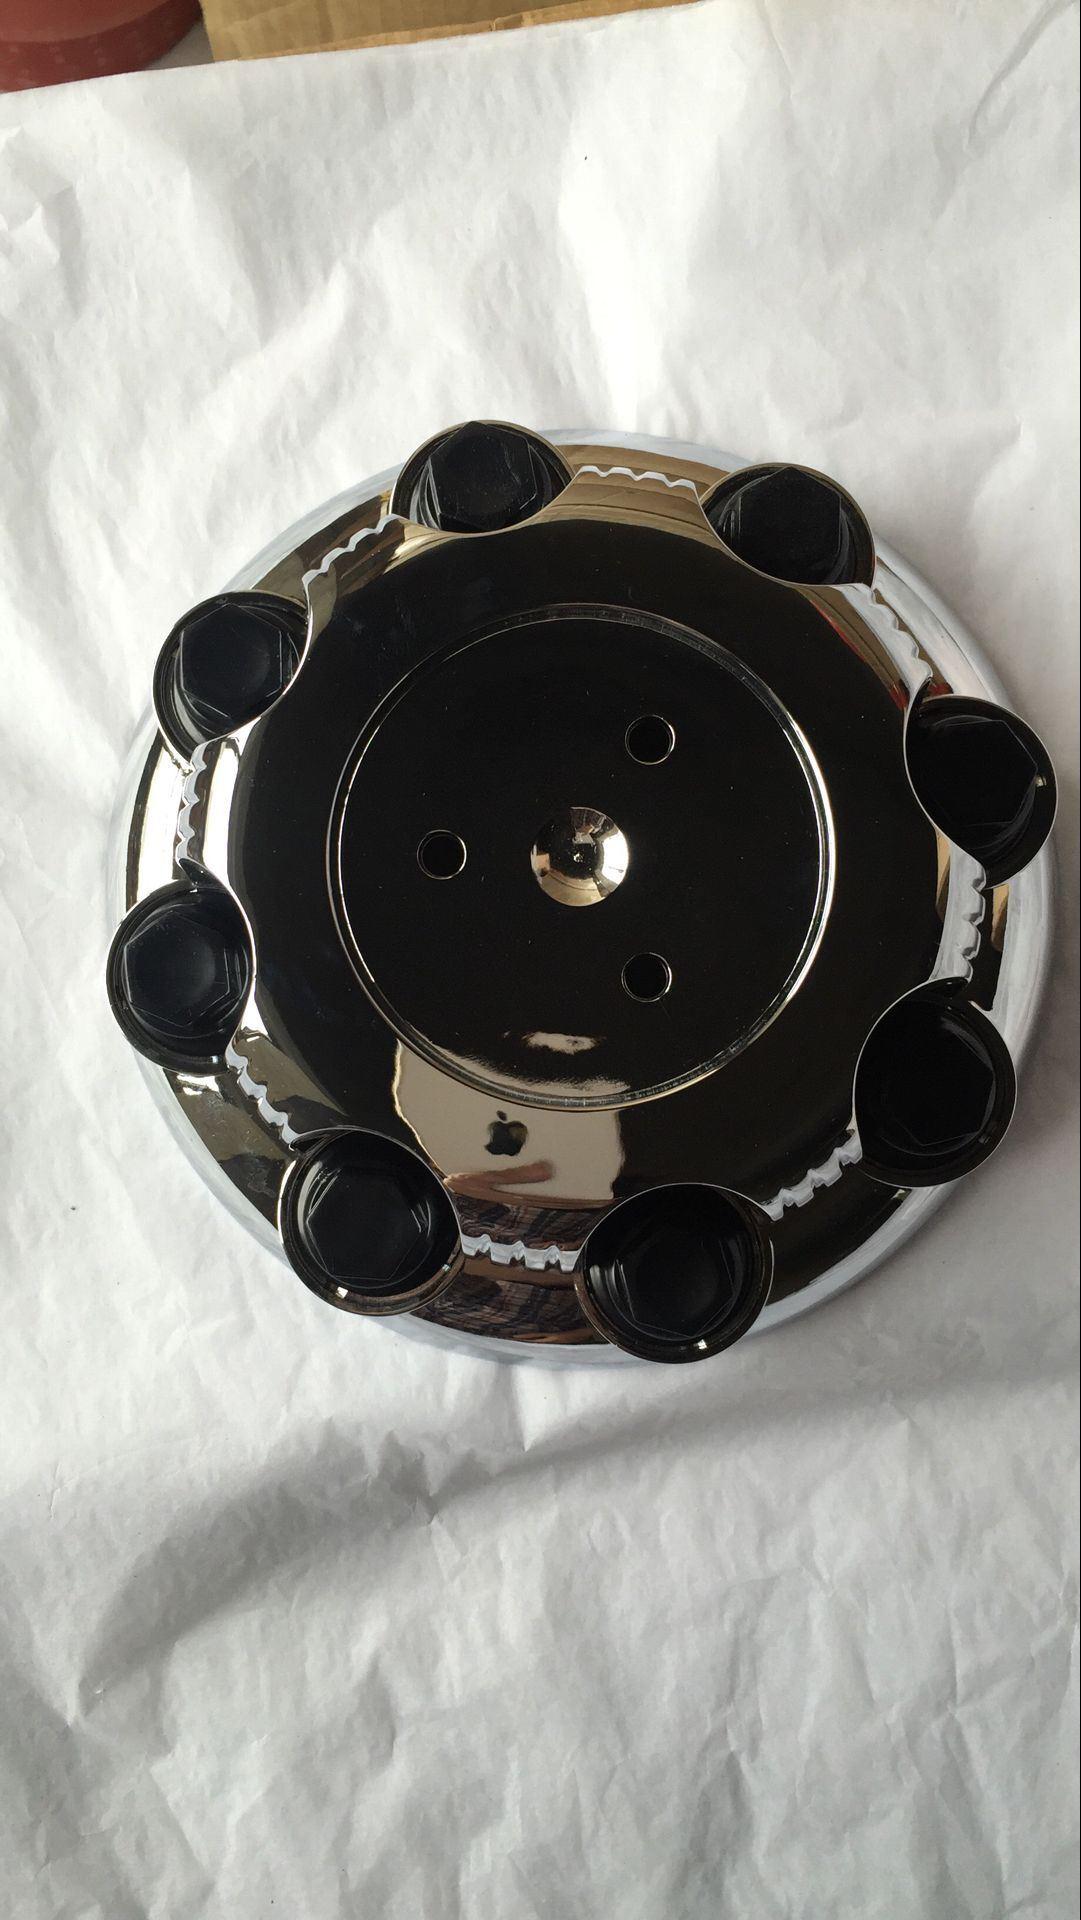 Car Wheel Cenetr Cap for Gmc/Chevy